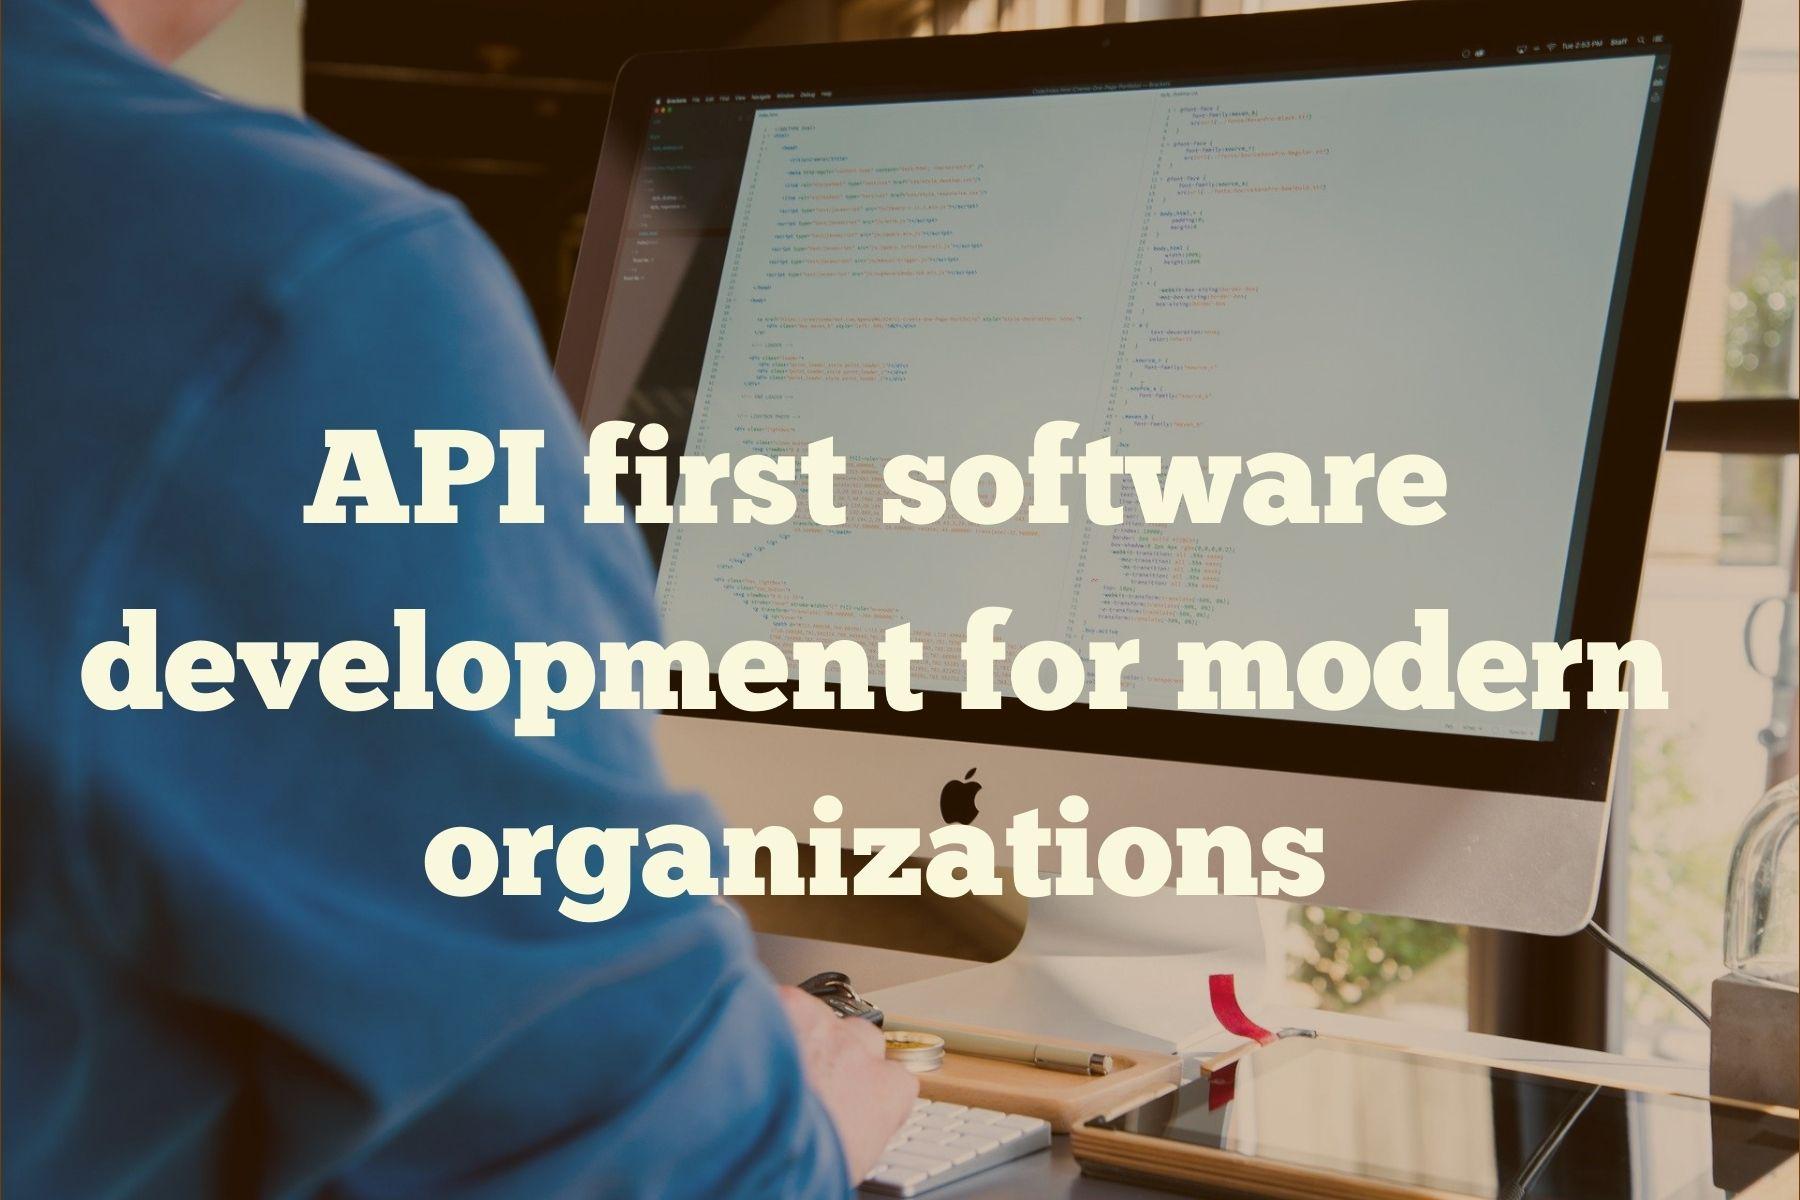 API first software development